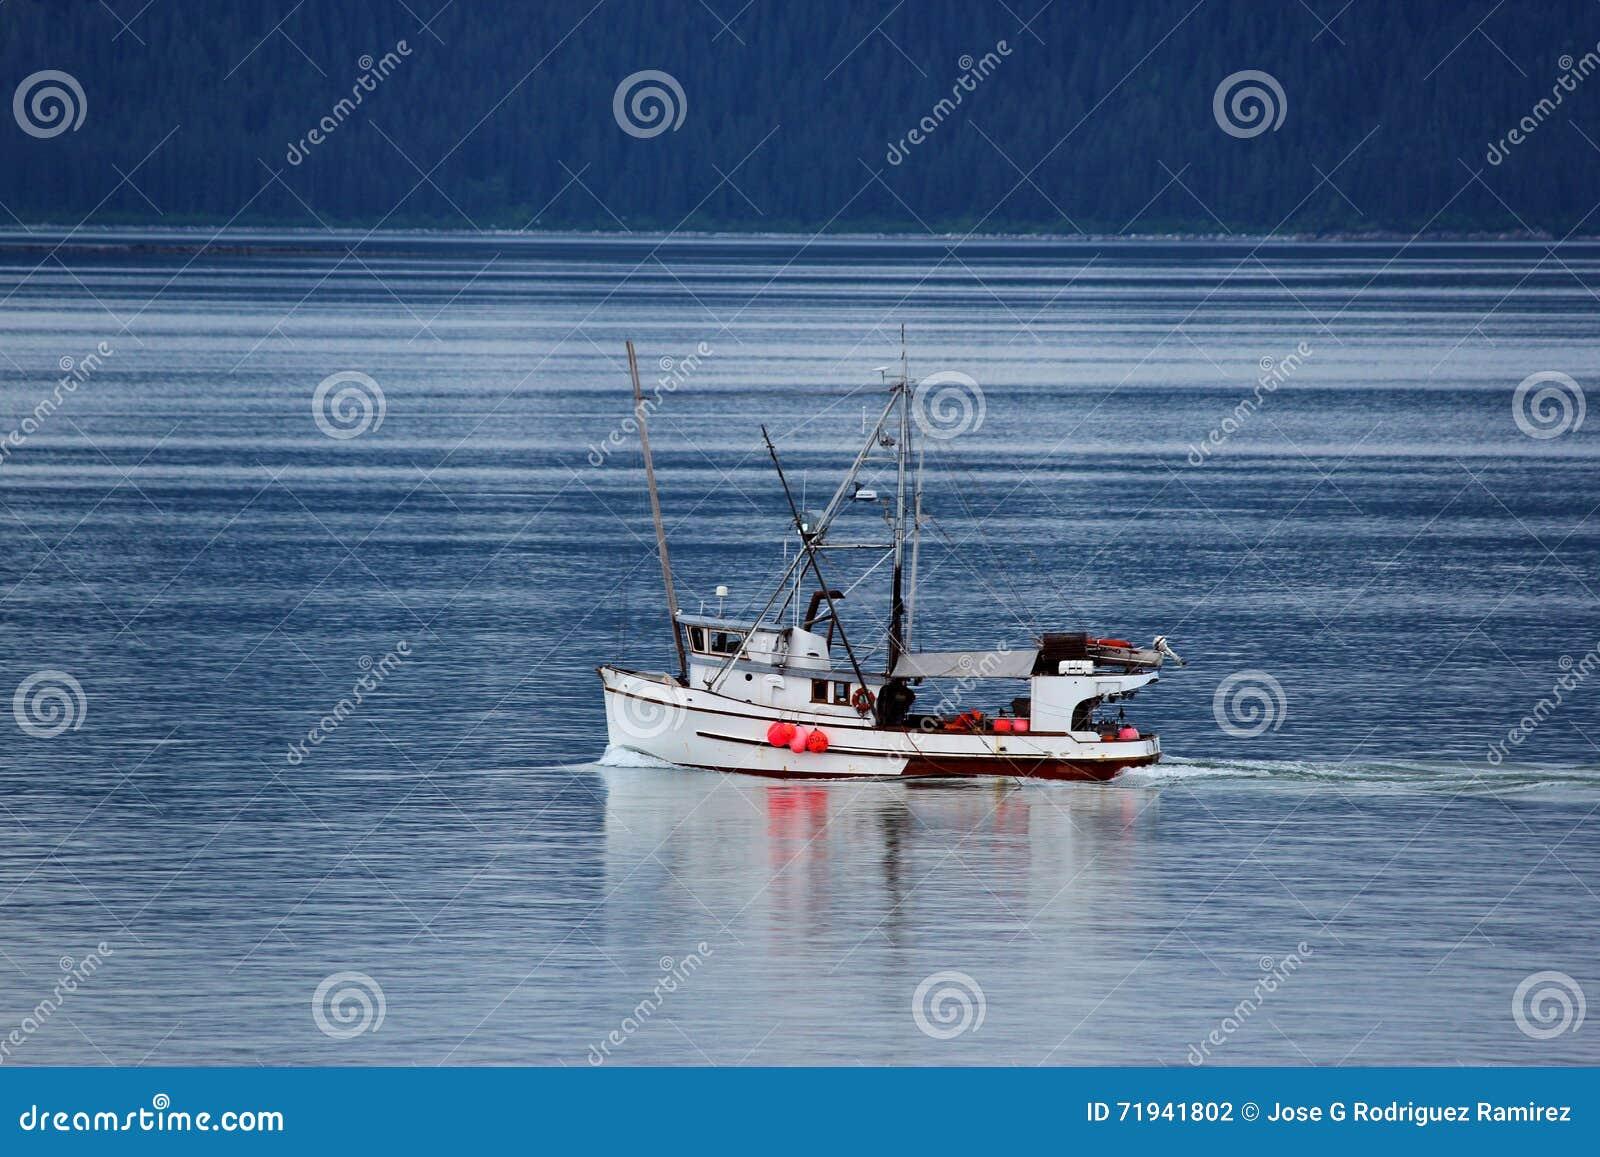 Малый траулер на заливе ледника Аляске